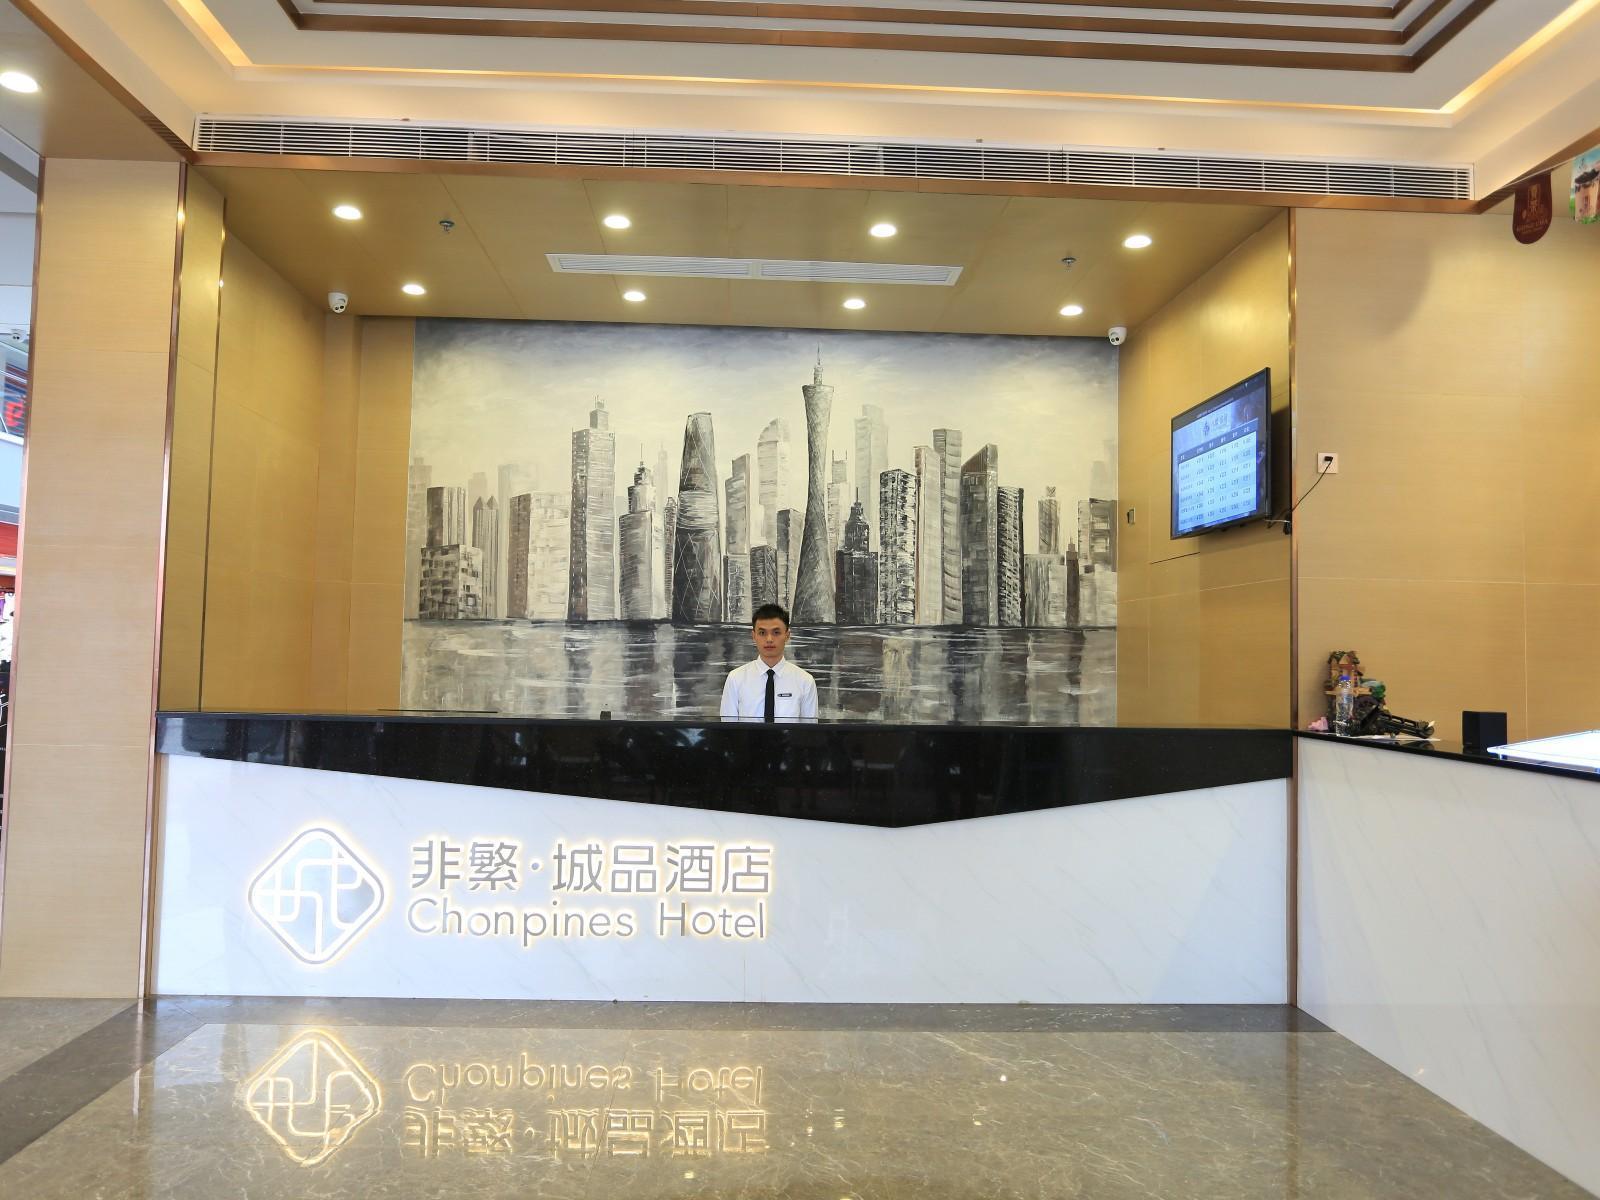 Chonpines Hotels�Guangzhou Baiyun Yongtai Metro Station